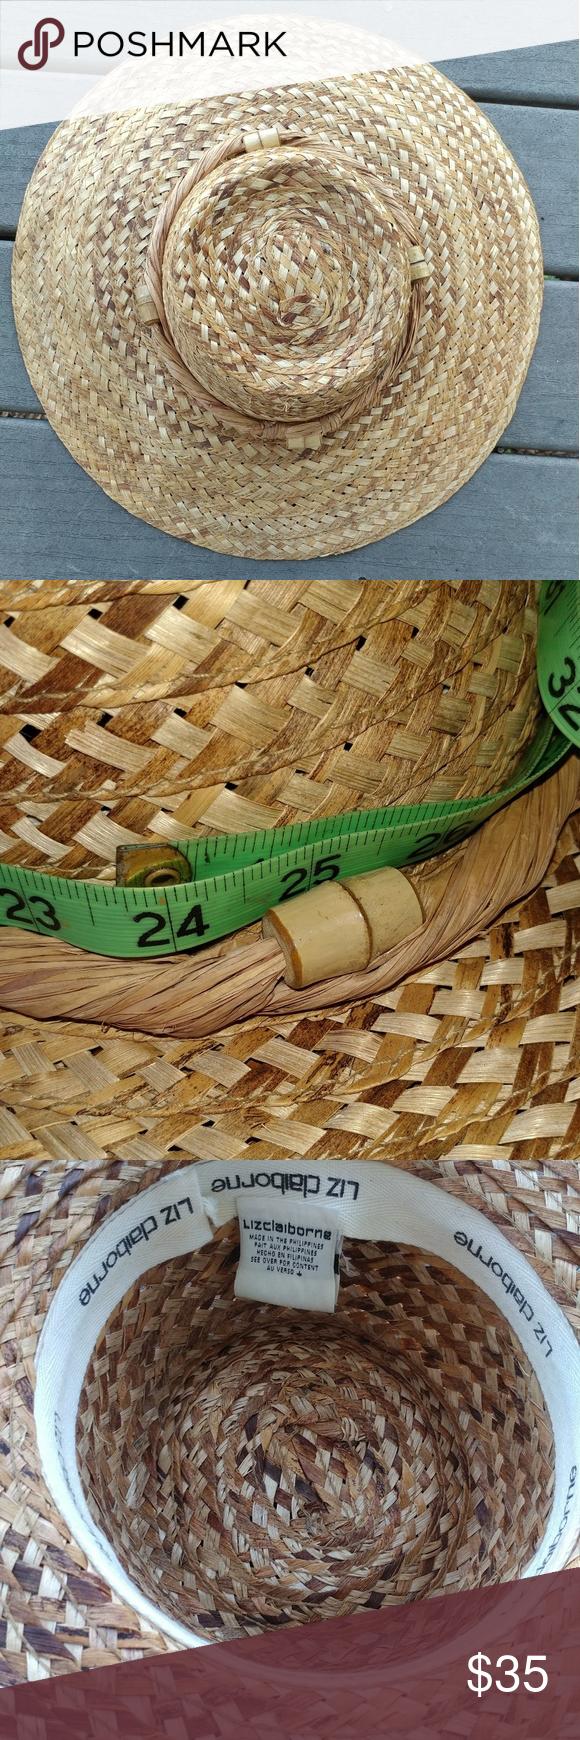 5eecfc10702c3 Liz Claiborne Straw Braided Wide Brim Hat Large Excellent condition sun  straw hat. Liz Claiborne Accessories Hats